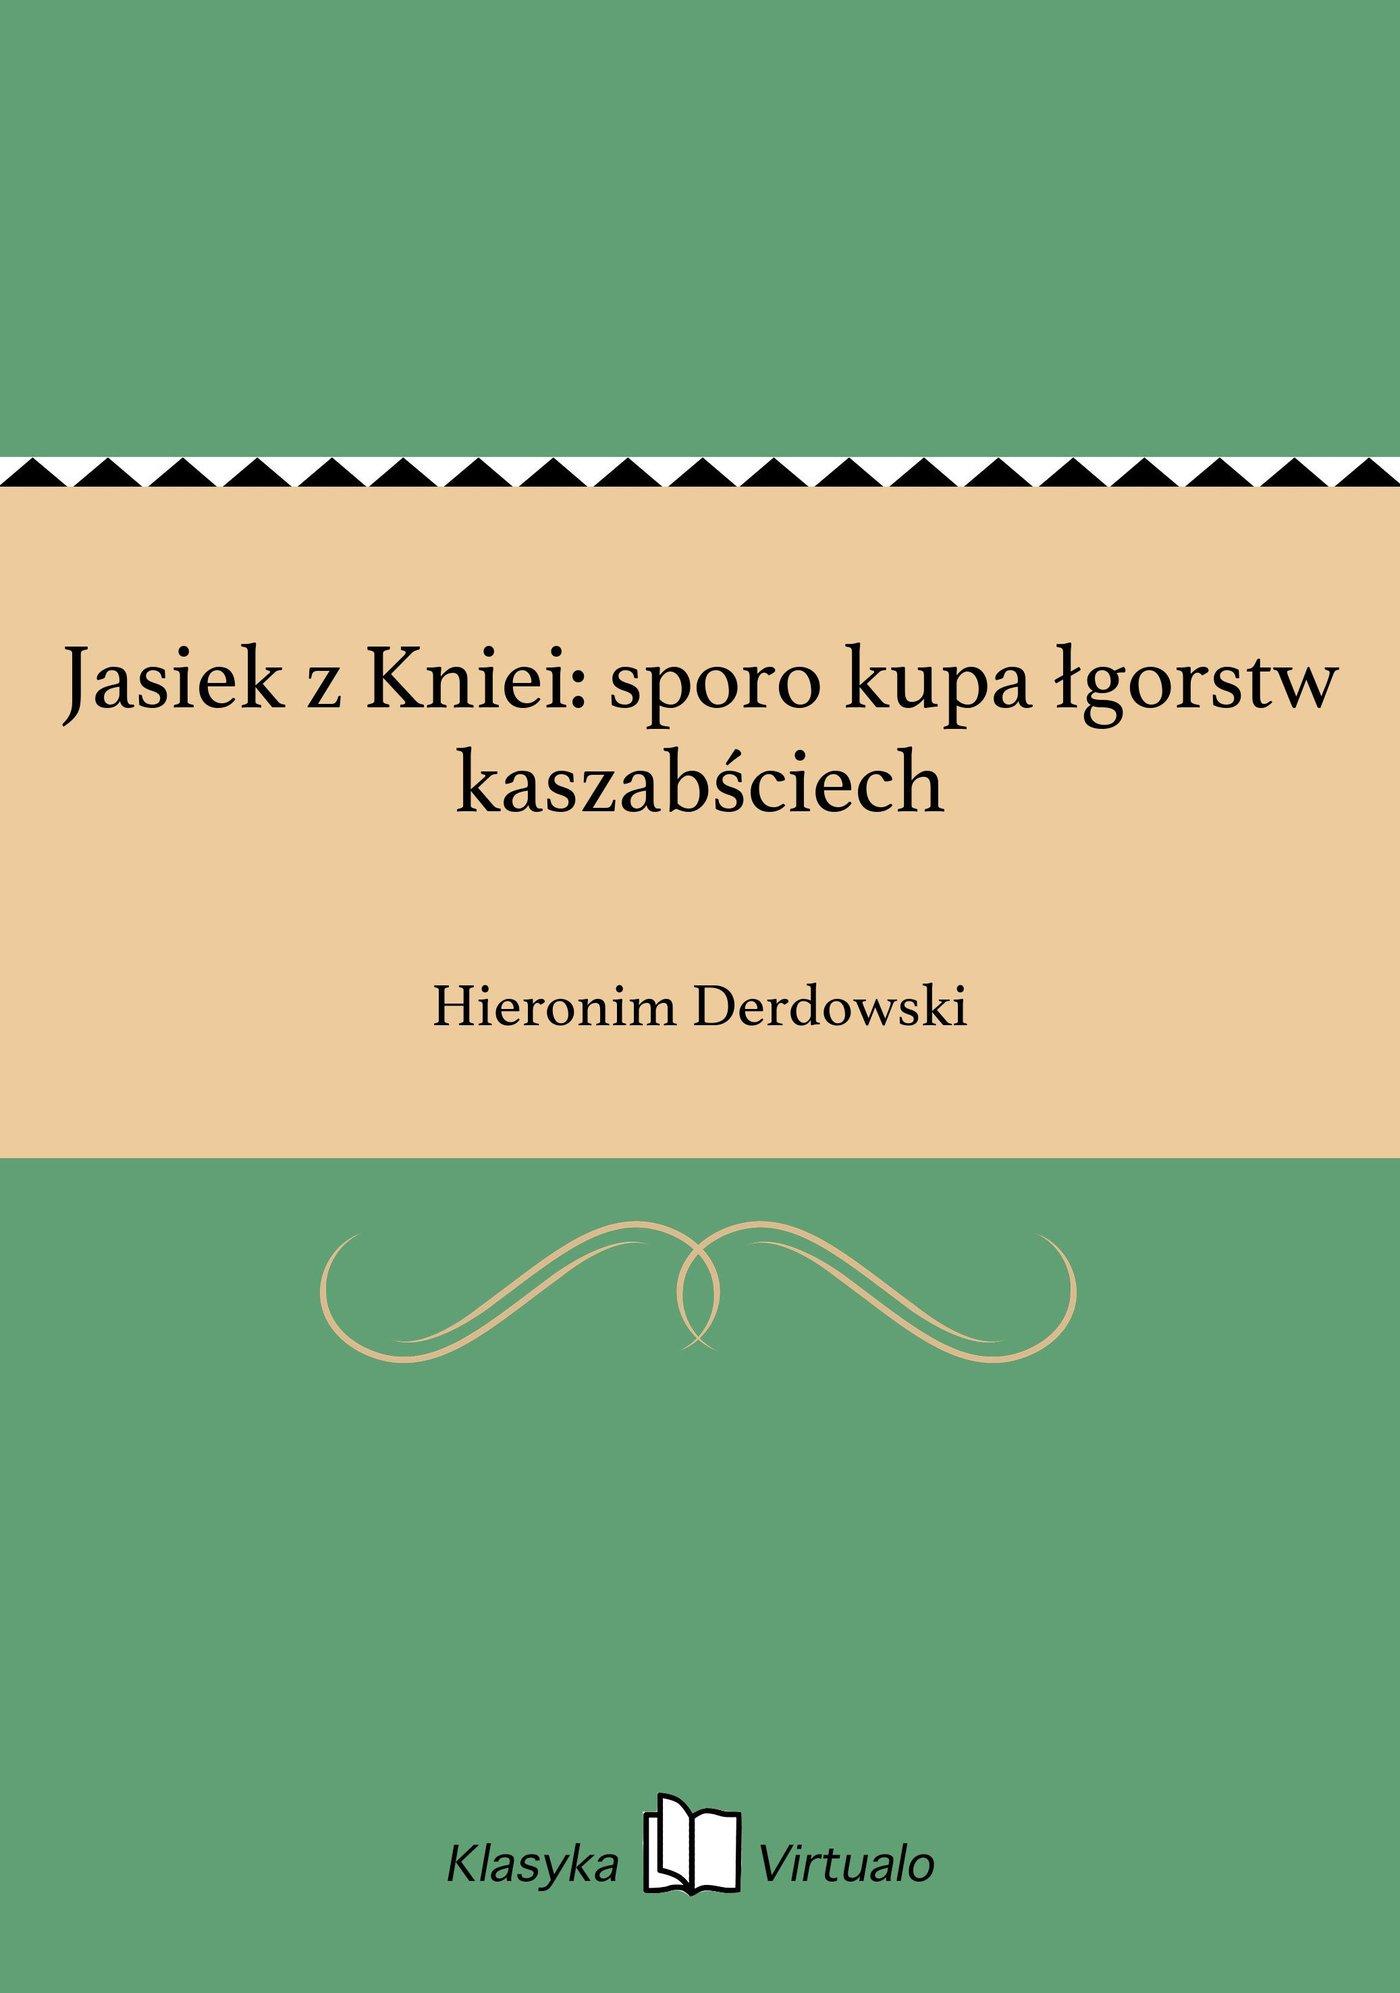 Jasiek z Kniei: sporo kupa łgorstw kaszabściech - Ebook (Książka na Kindle) do pobrania w formacie MOBI